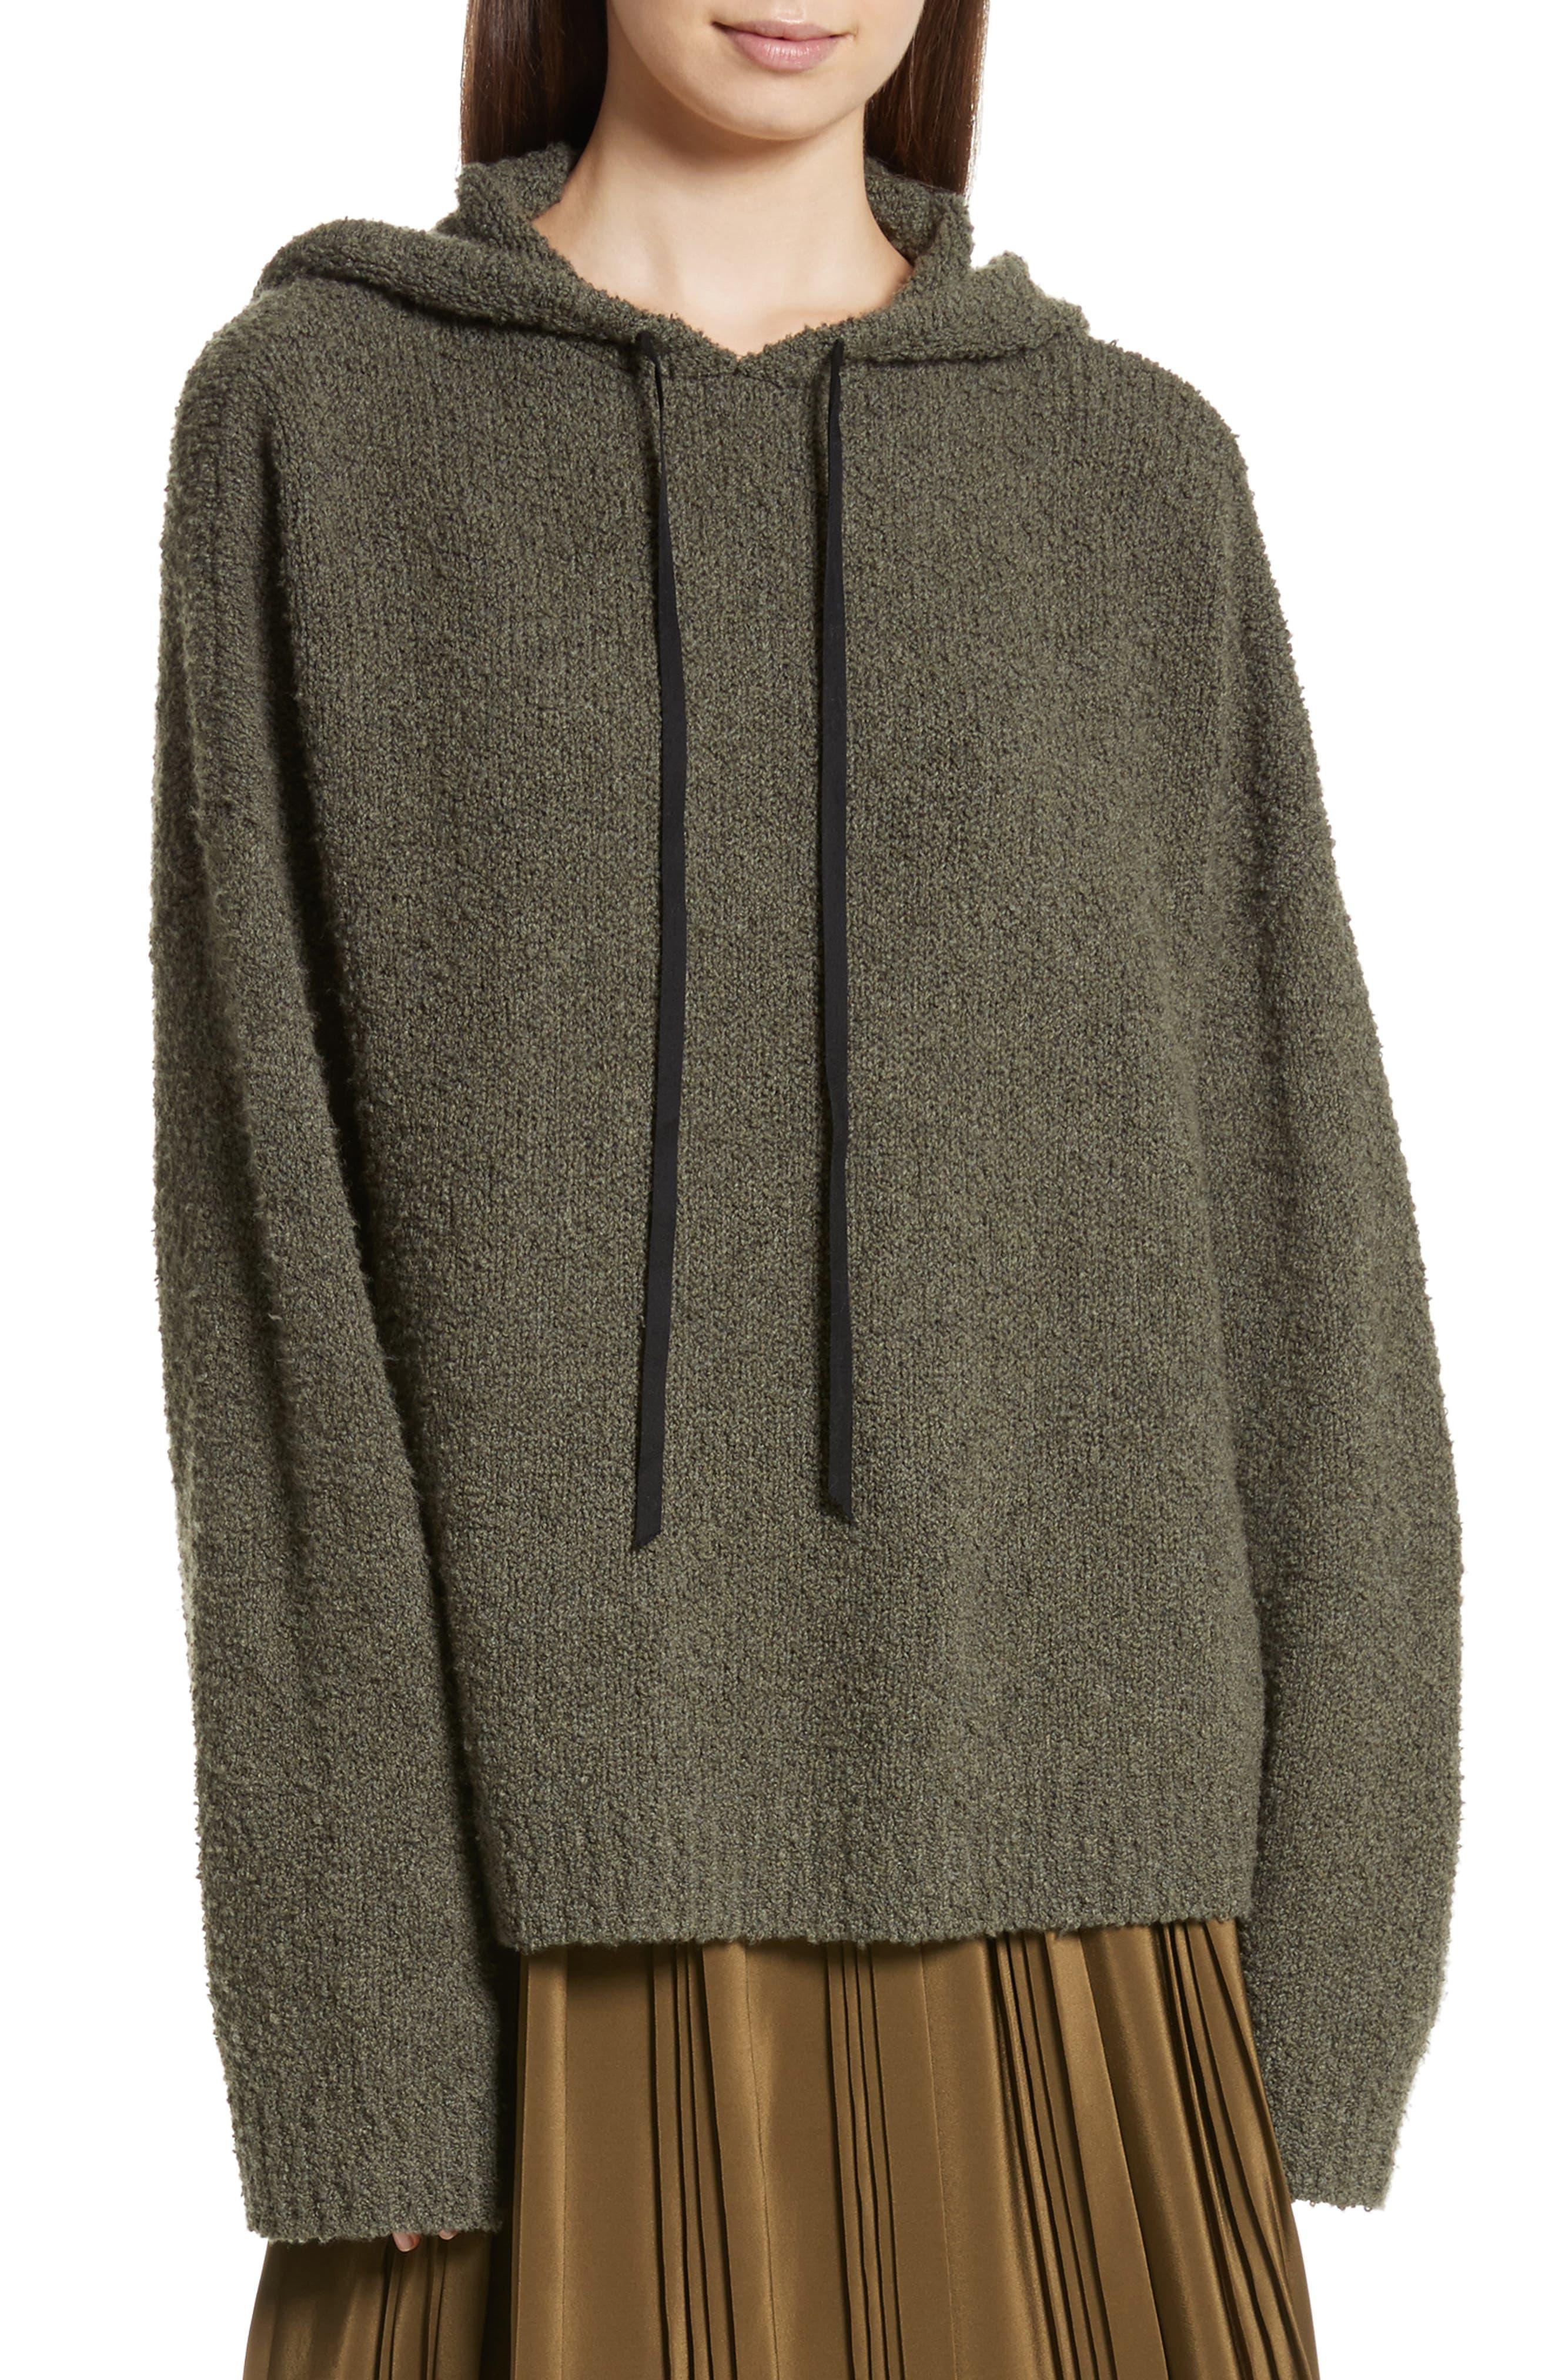 Main Image - Robert Rodriguez Merino Wool & Cashmere Reversible Hooded Sweater